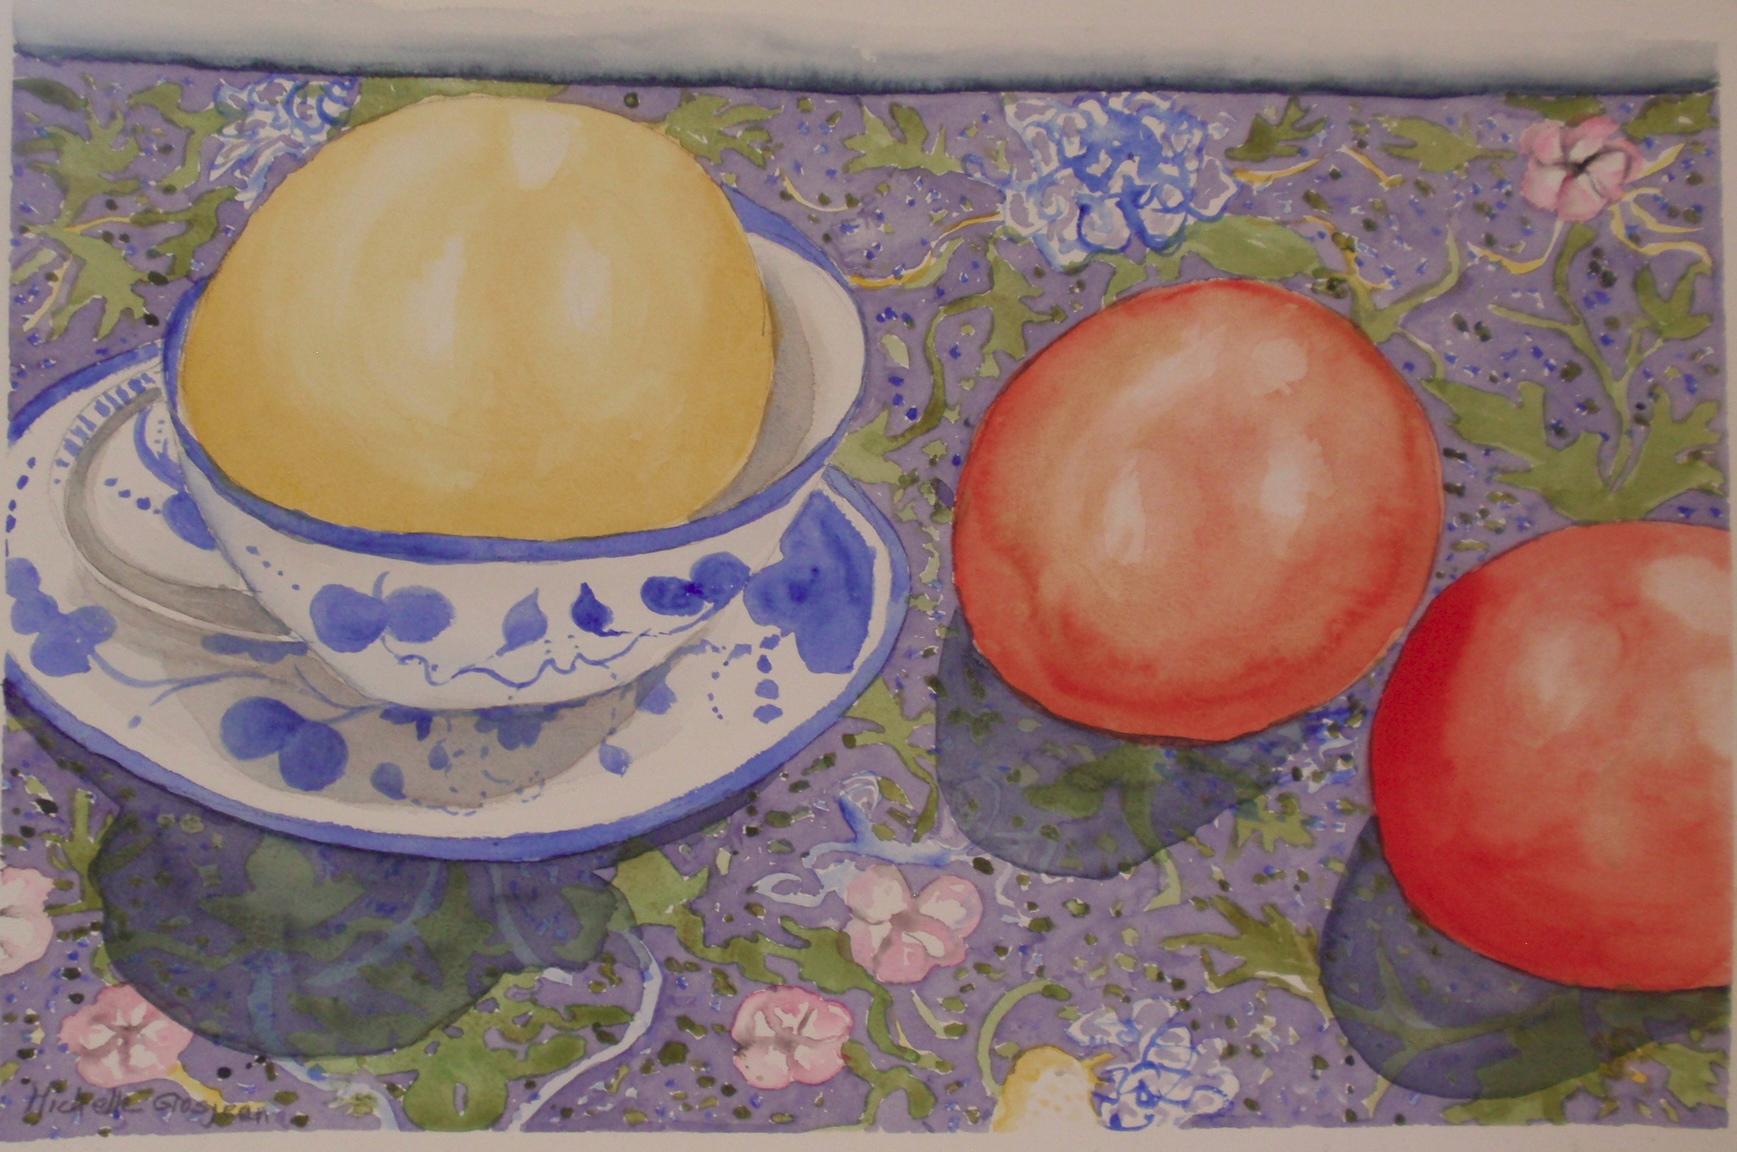 2010 Tomato tea party